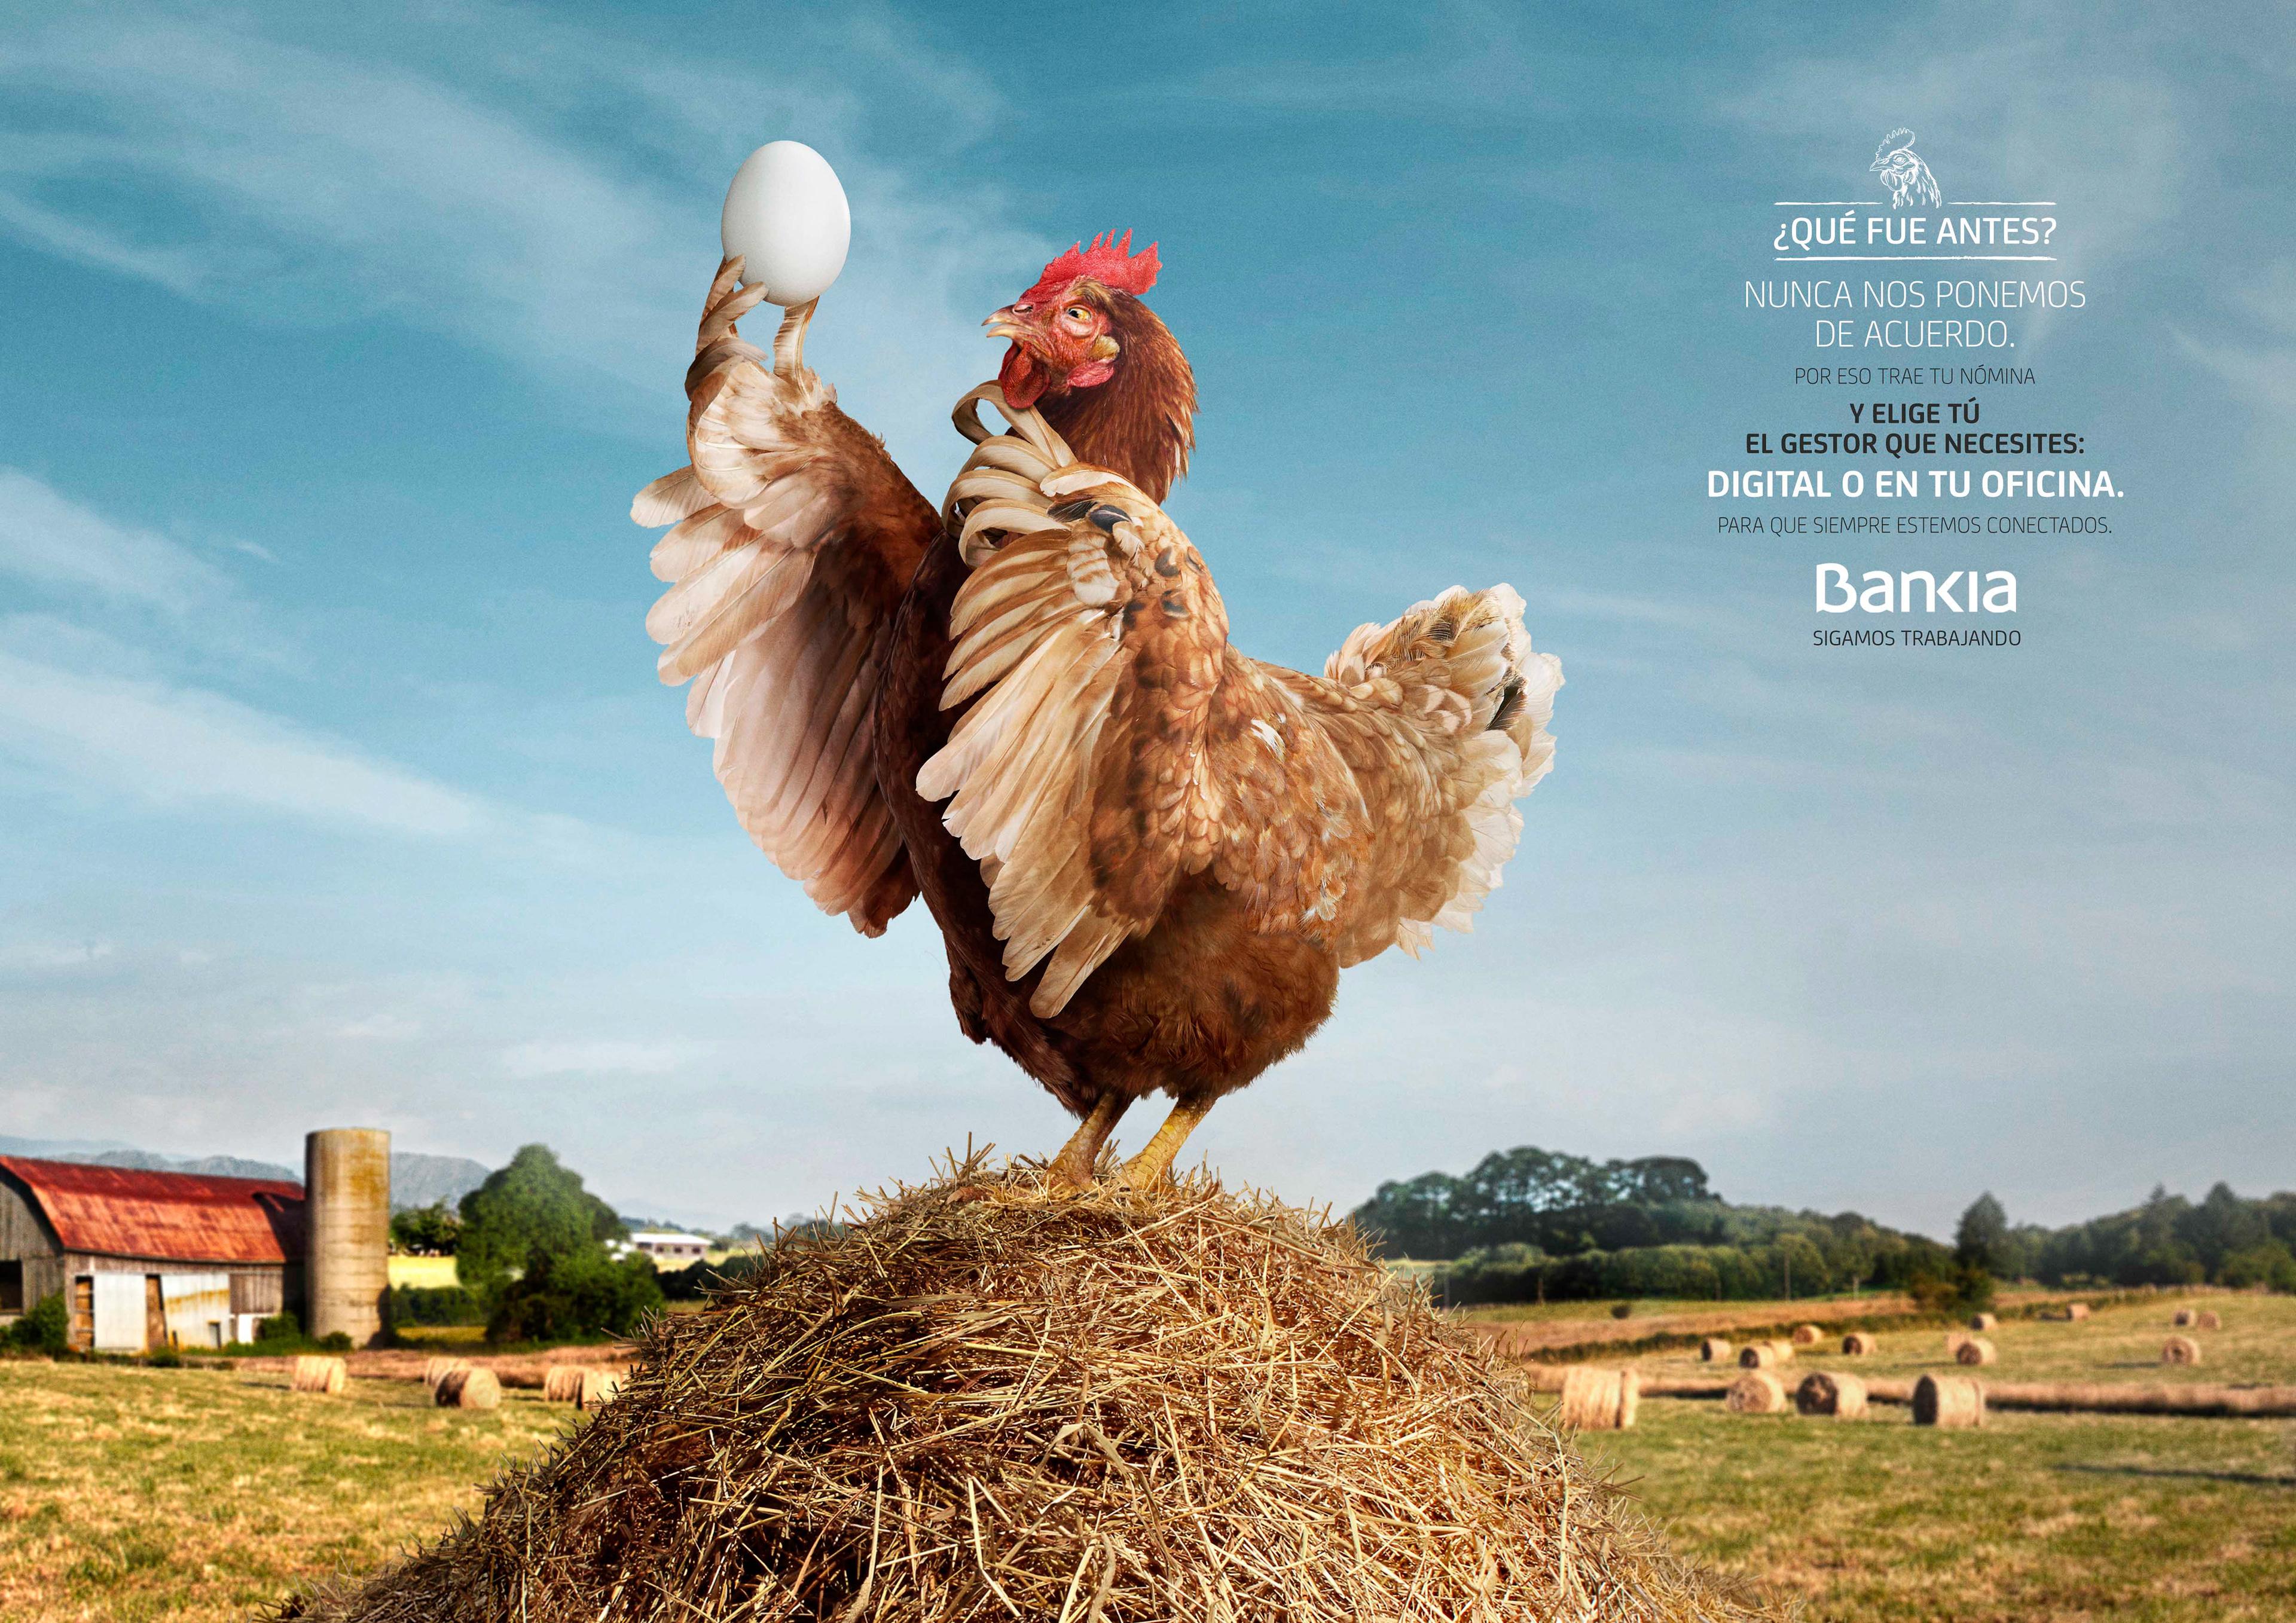 campaña creativa de un Banco inspirada en dilemas populares